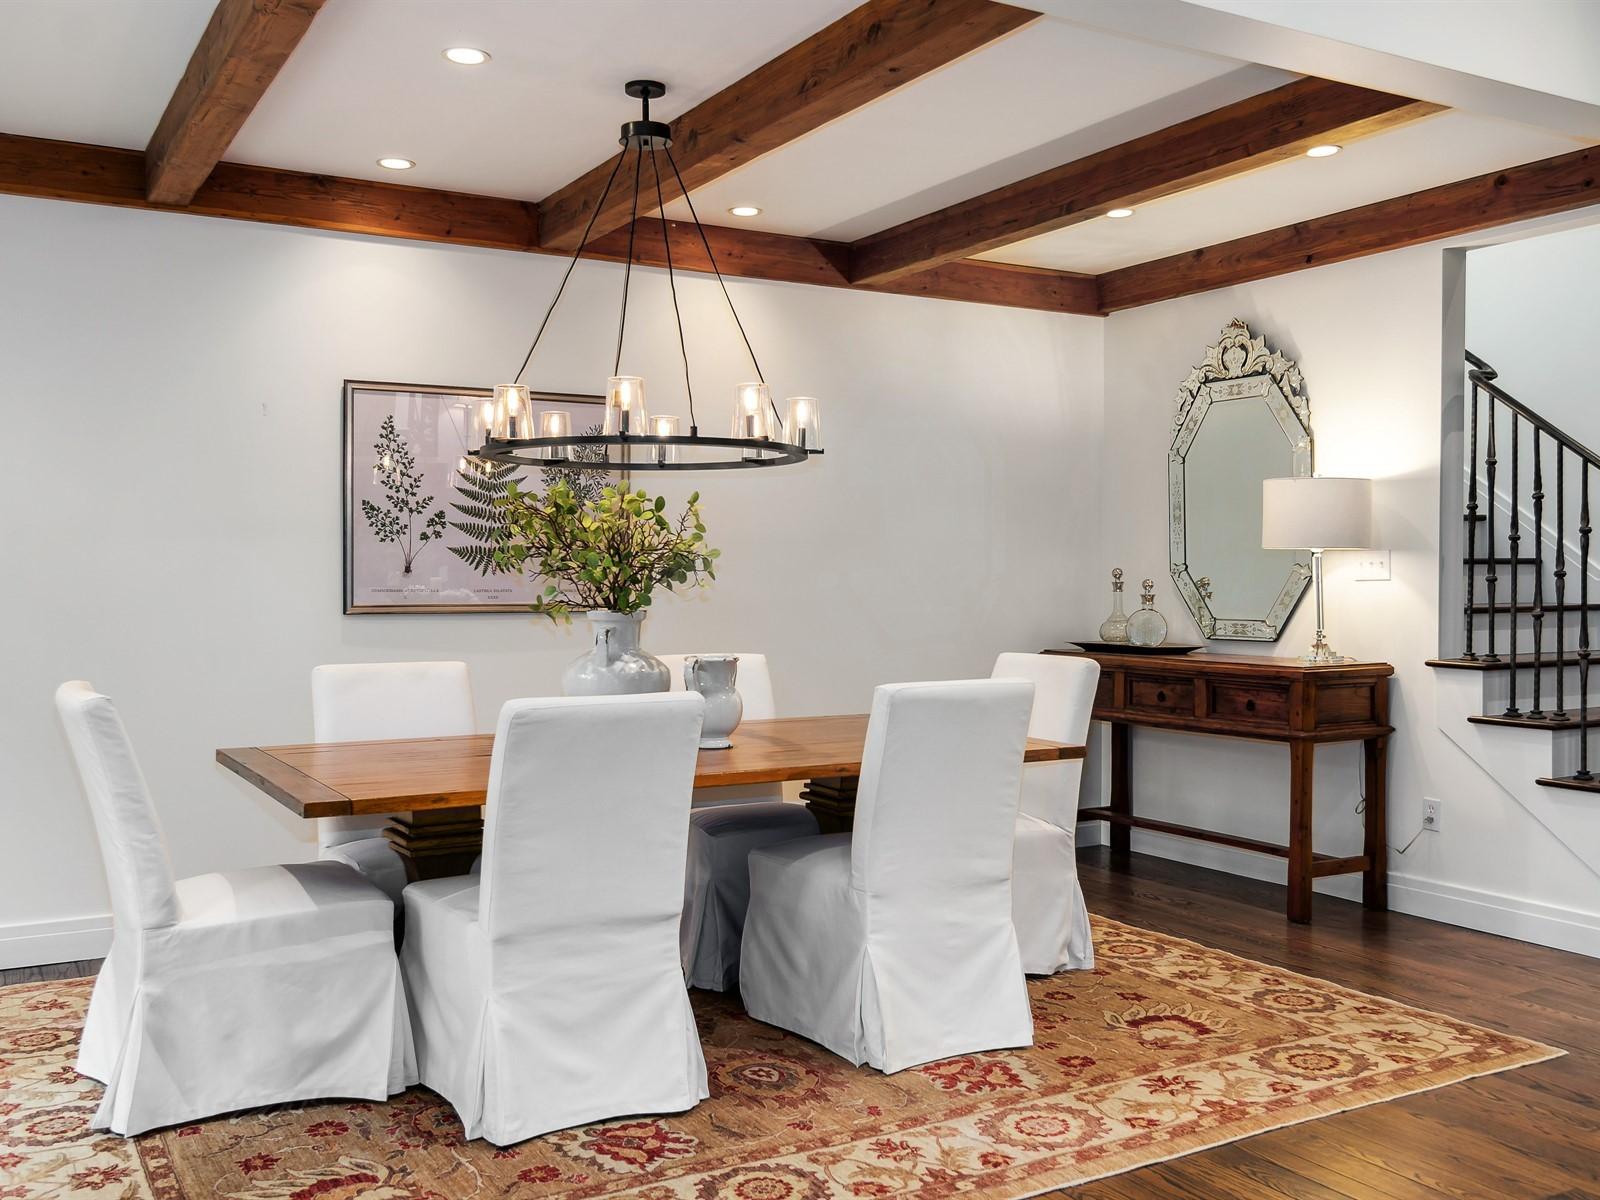 008_Dining Room.jpg